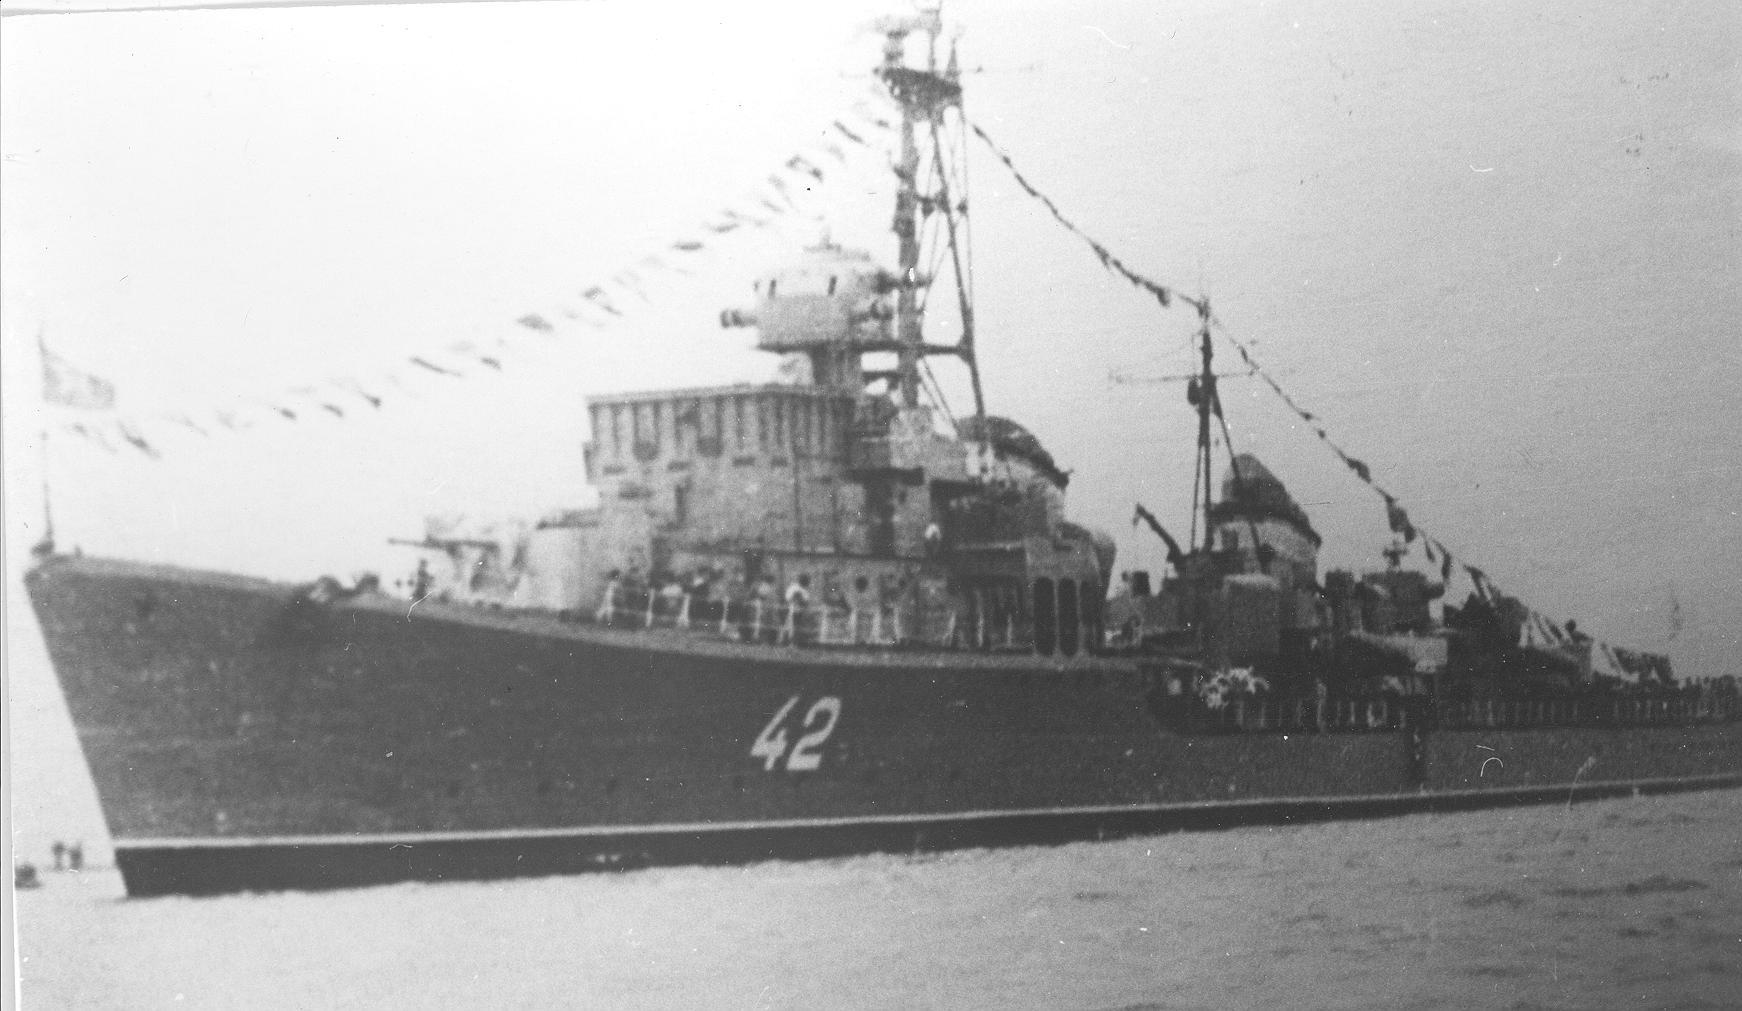 ЭМ 30-бис (42).JPG